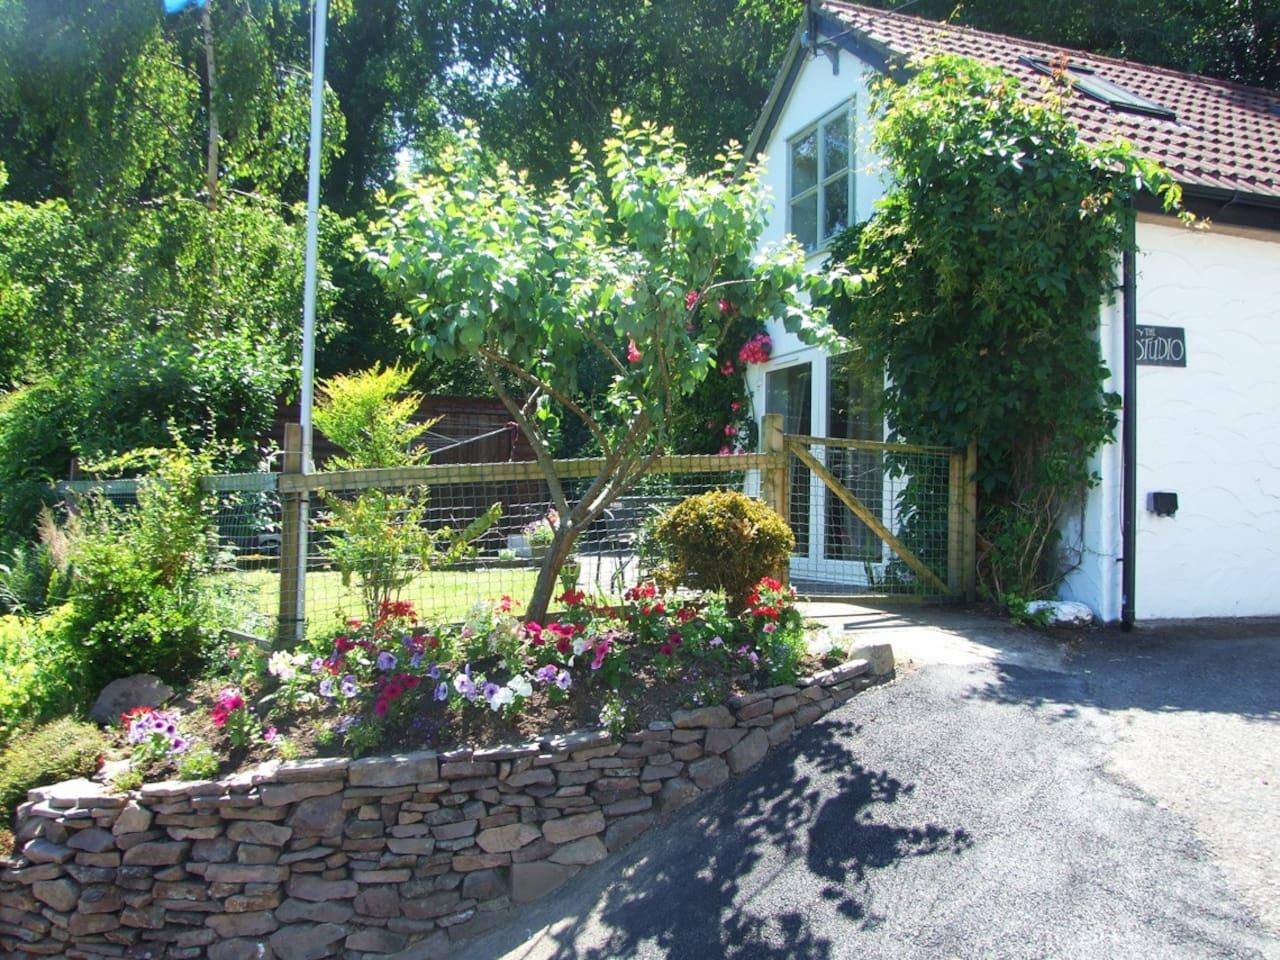 The Studio & garden